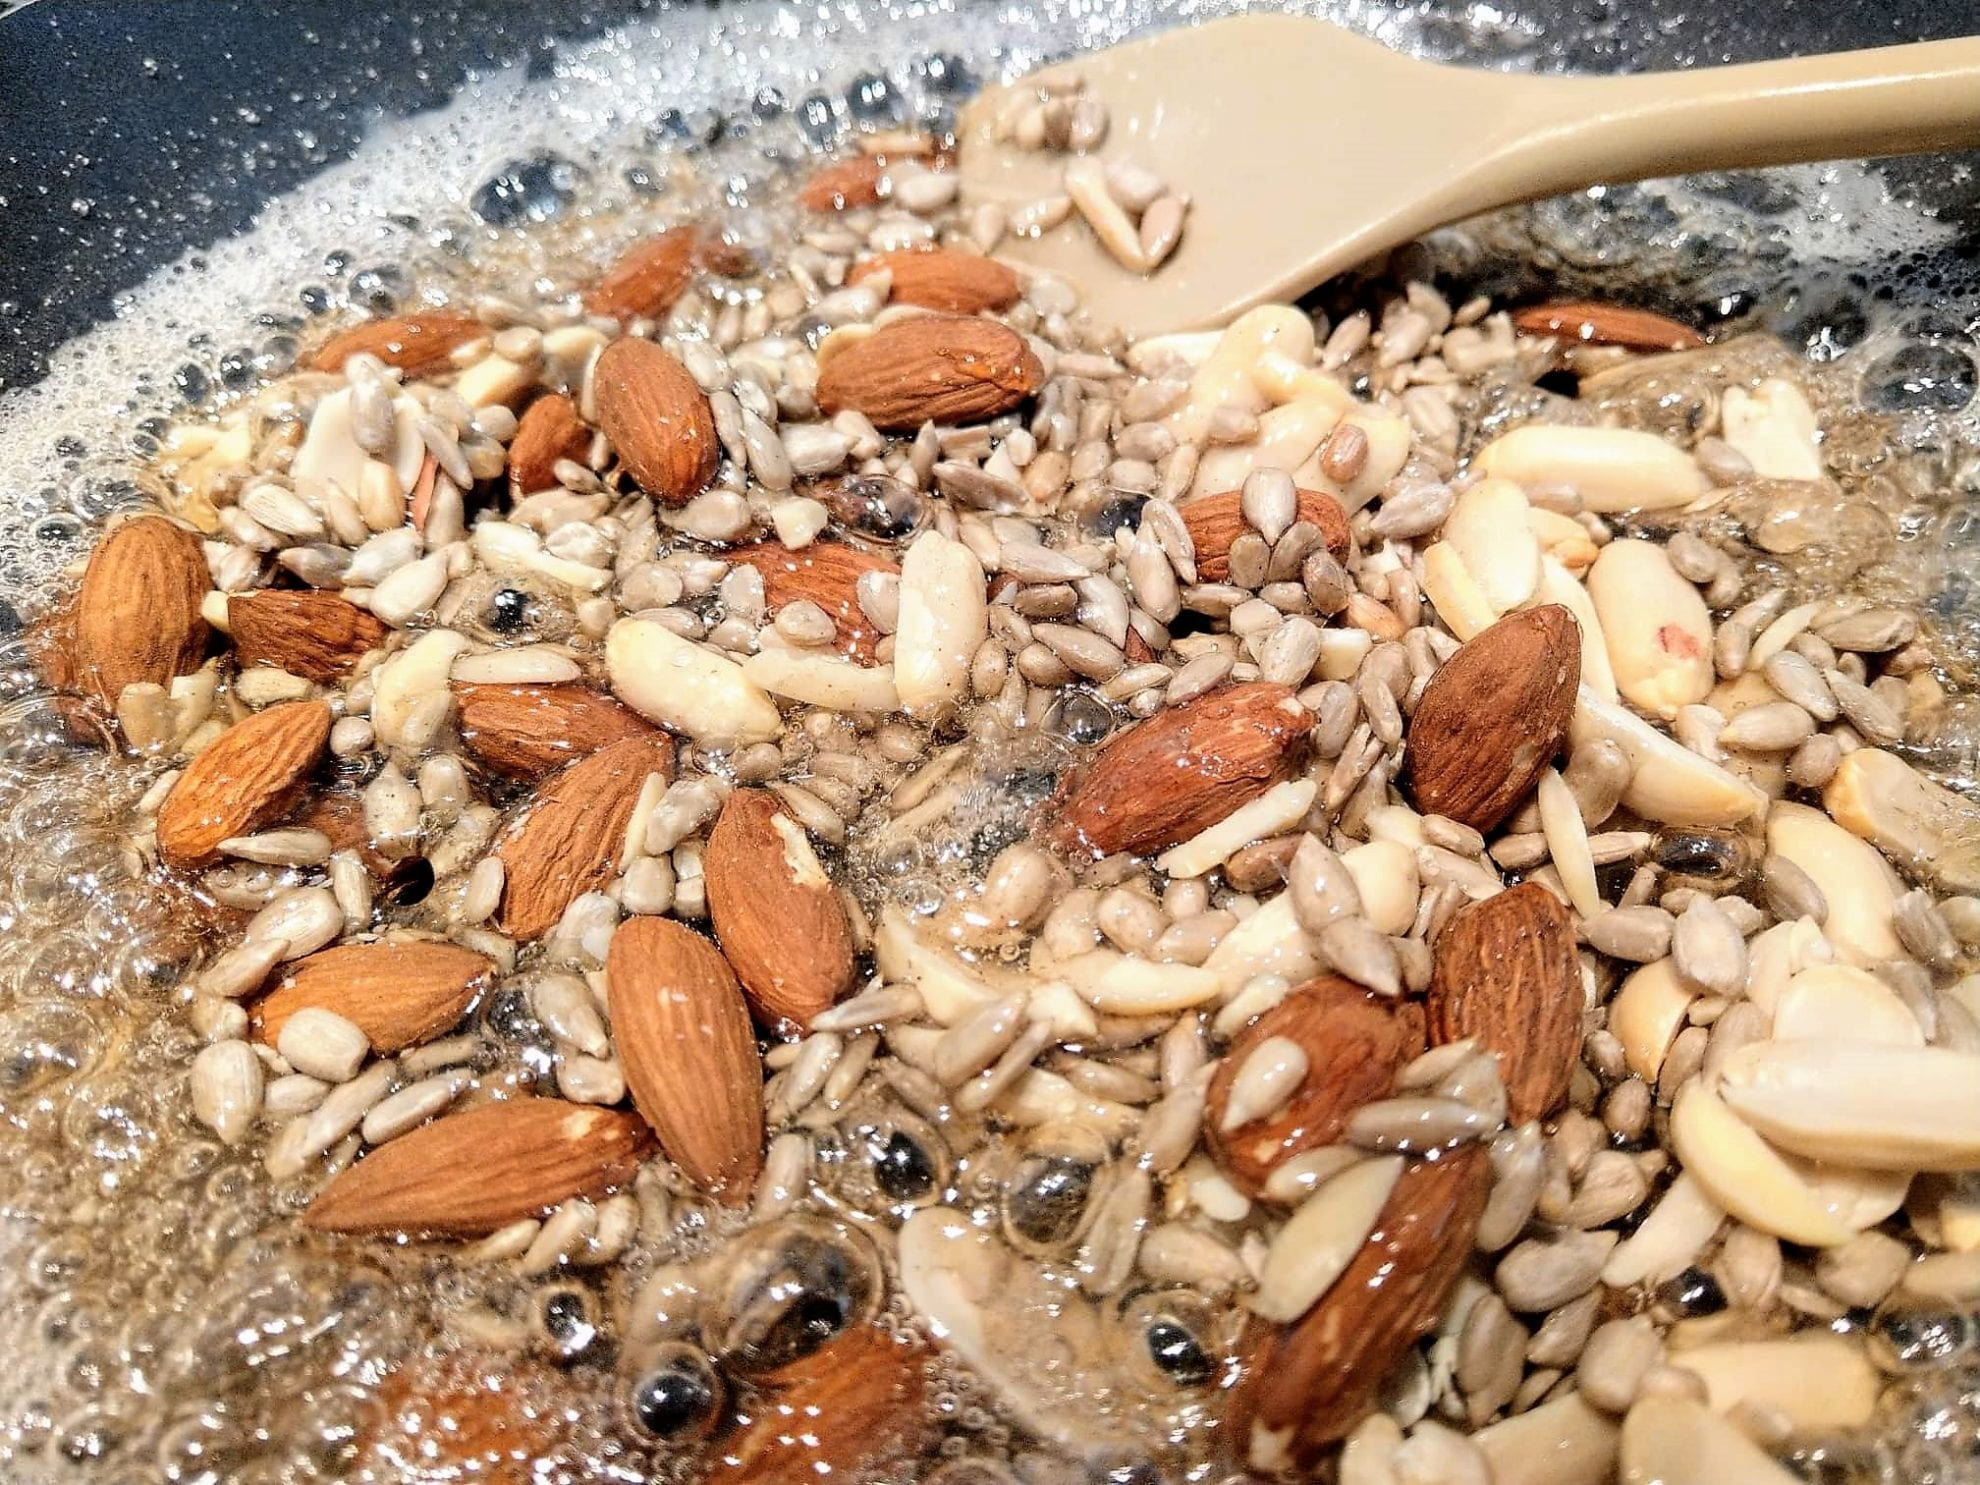 Die Nüsse oder Kerne landen in der Pfanne, sobald das Gemisch aus Zucker und Wasser sich leicht bräunlich verfärbt.